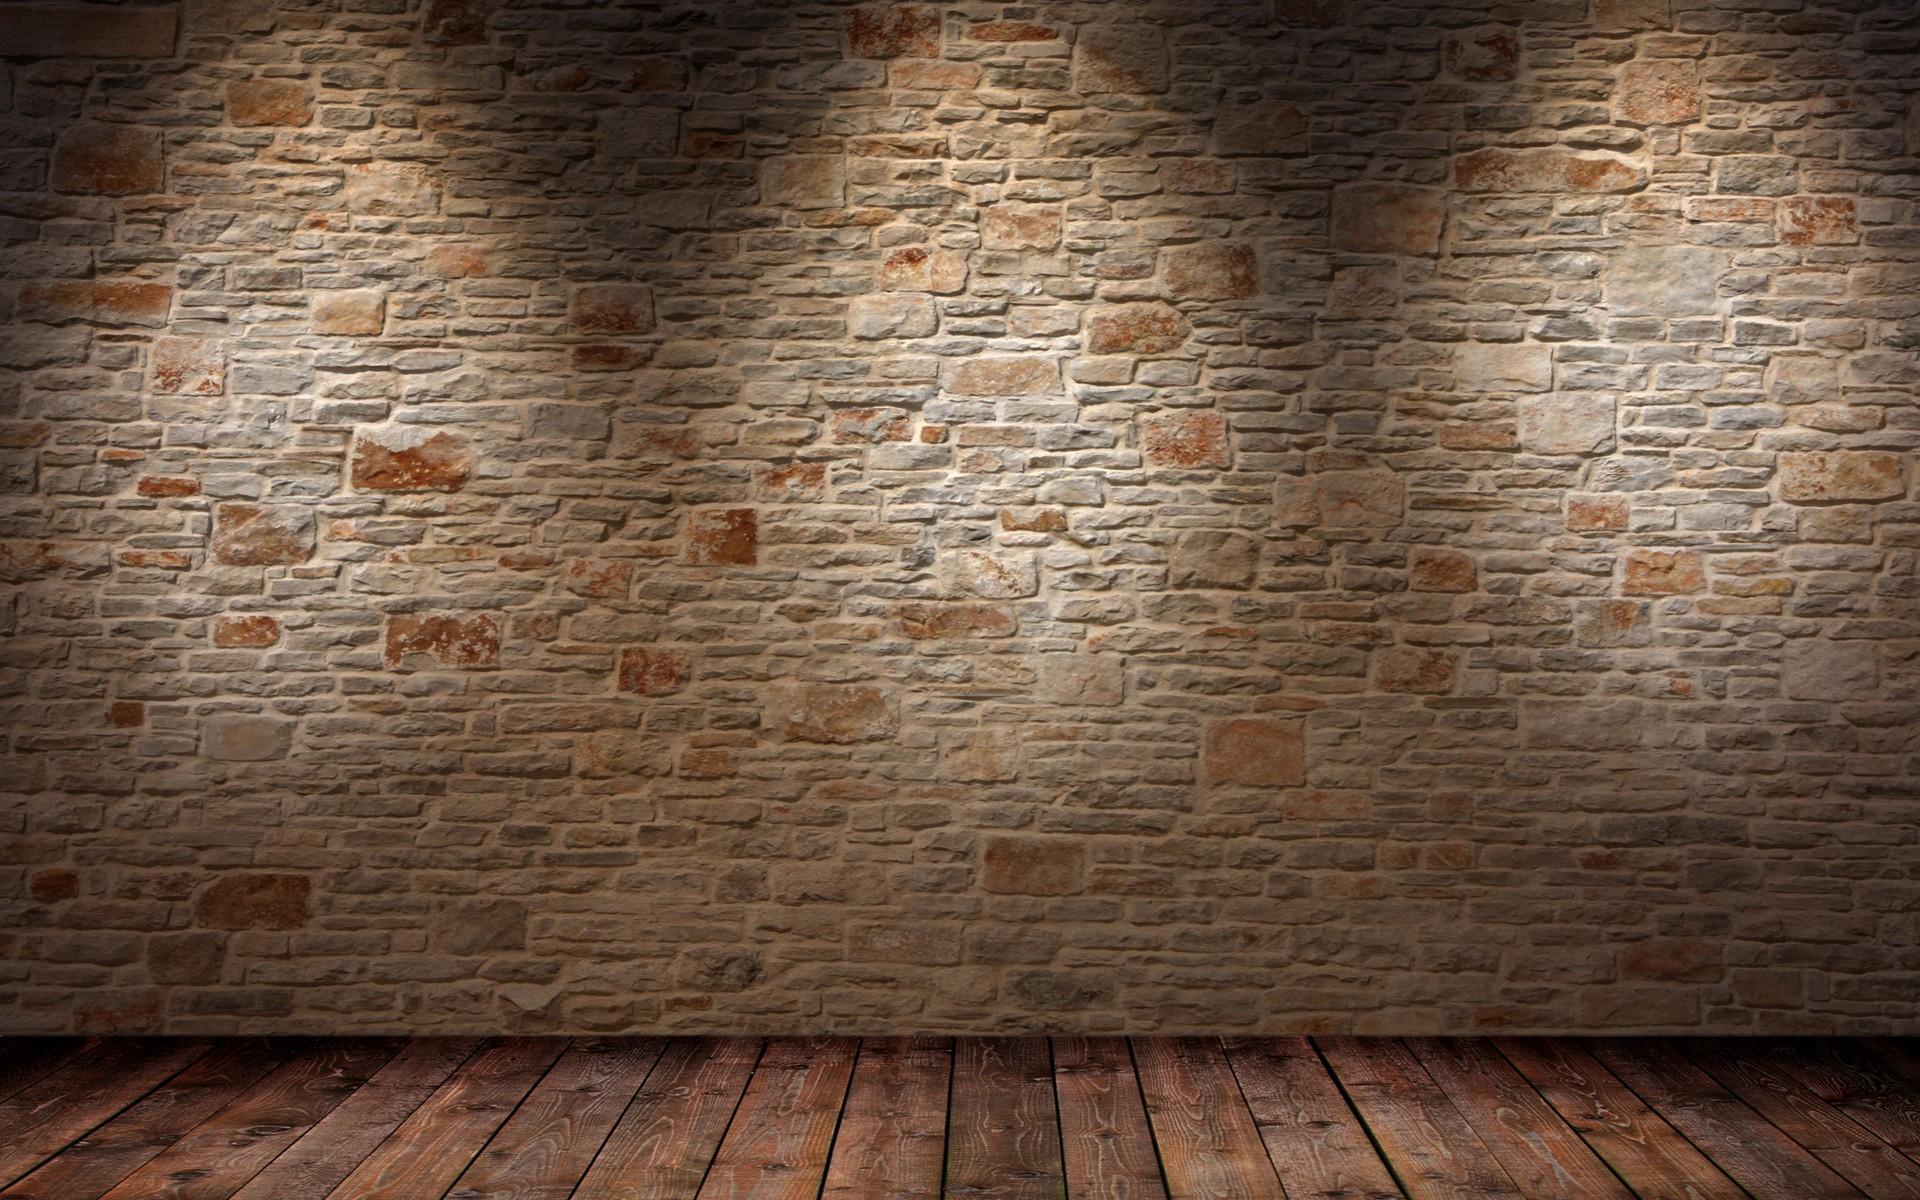 Ladrillo de piedra - 1920x1200